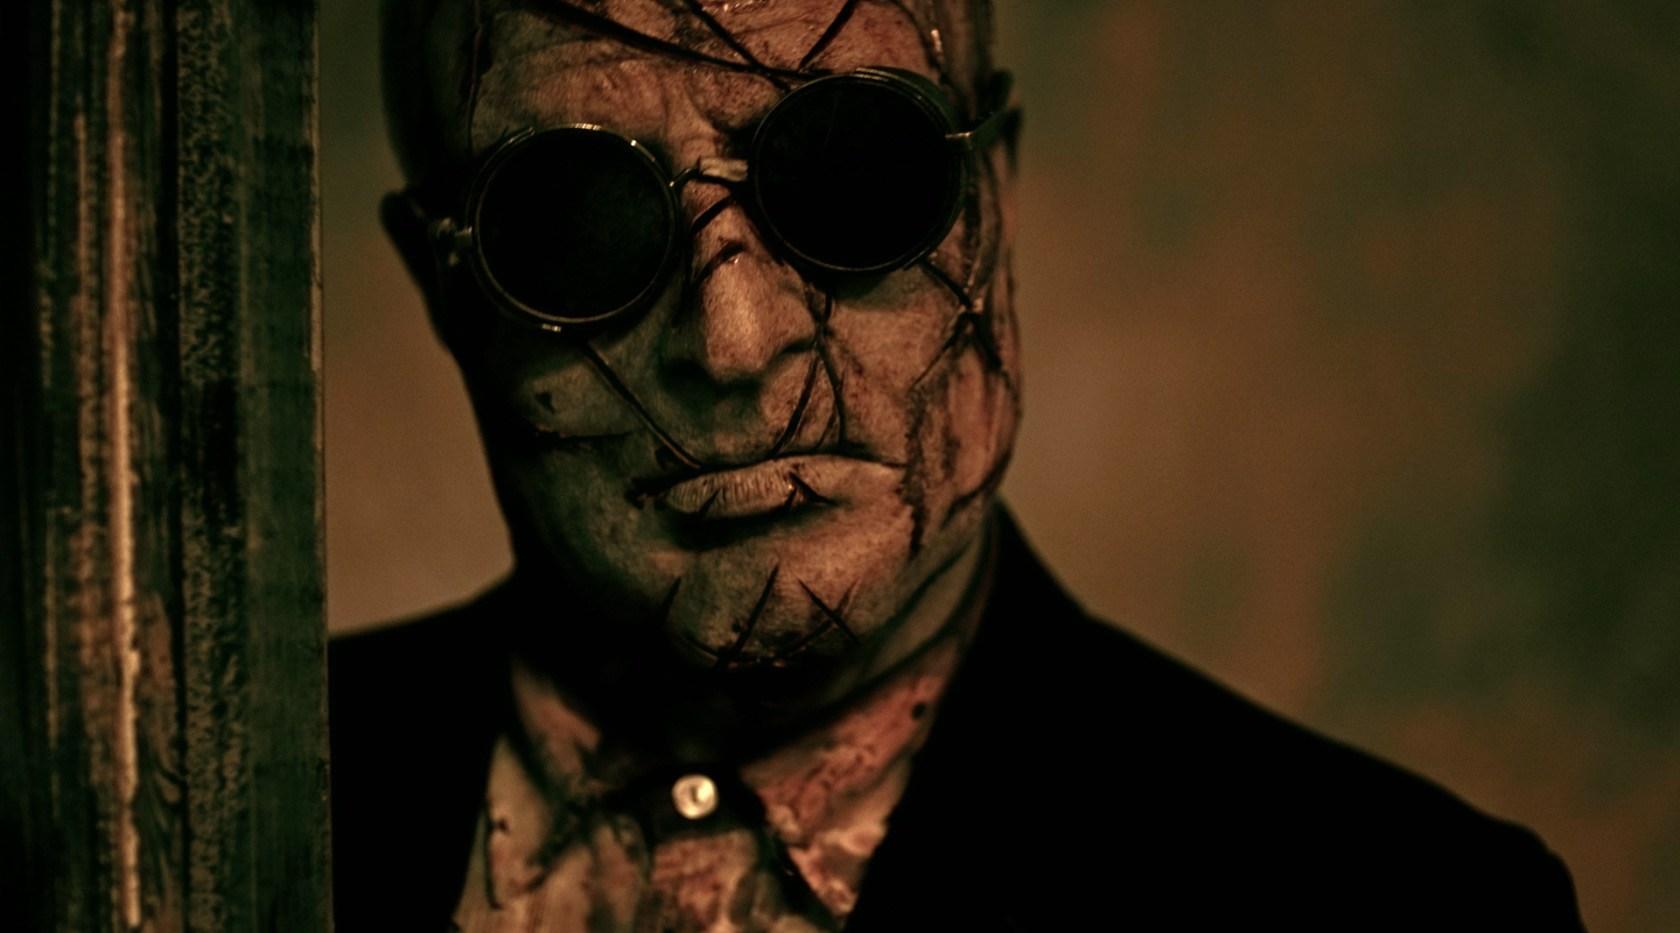 """Gary J. Tunnicliffe su Hellraiser: Judgment: """"Vi rivelo la mia idea per un clamoroso sequel"""""""